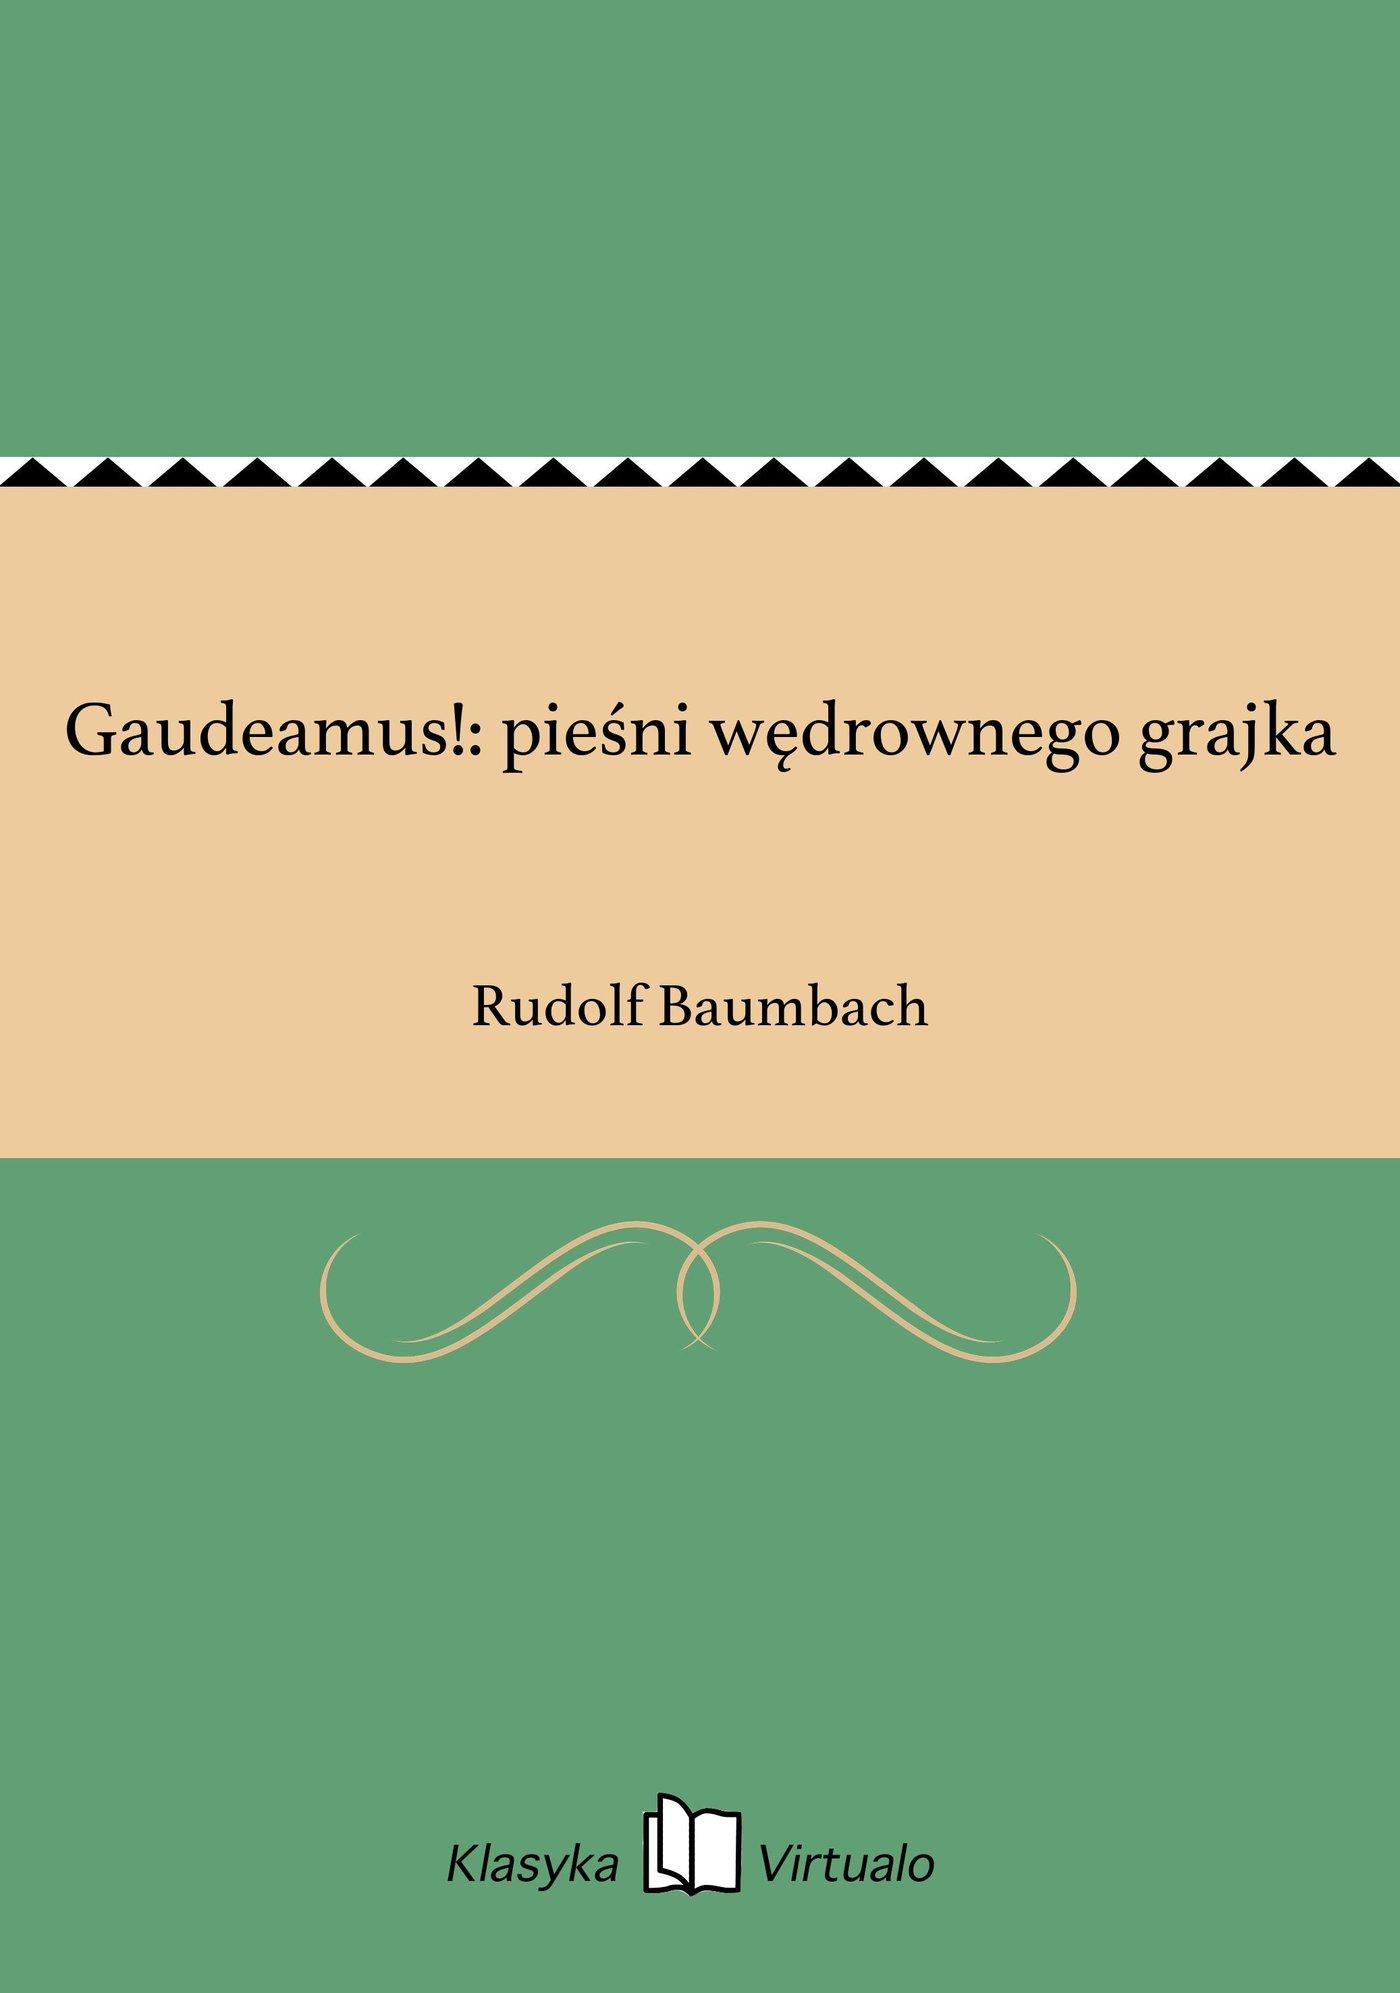 Gaudeamus!: pieśni wędrownego grajka - Ebook (Książka na Kindle) do pobrania w formacie MOBI